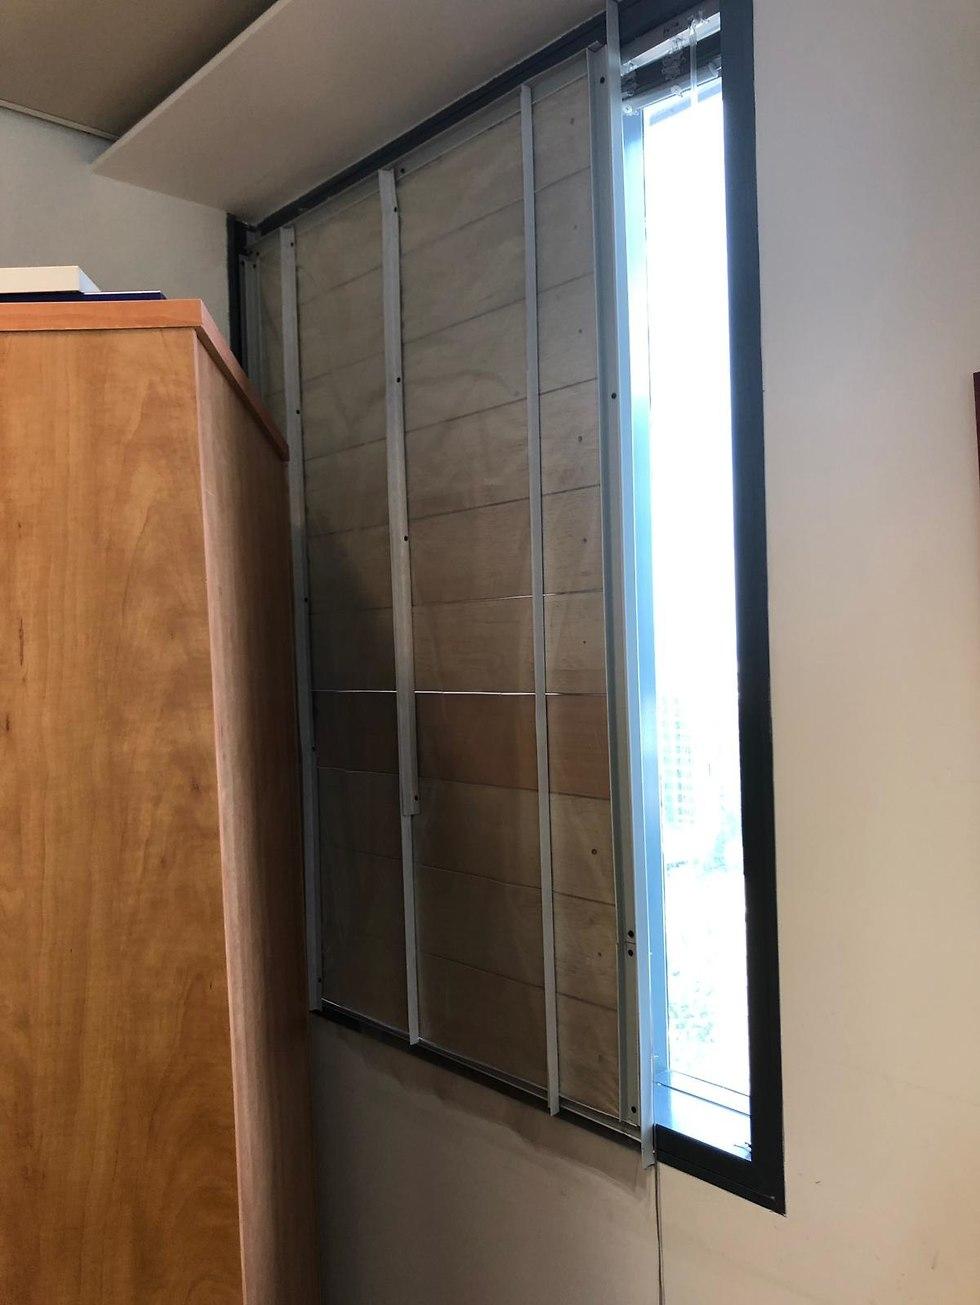 החלון החסום בקריית הממשלה (צילום: דן בית דין, המשרד להגנת הסביבה)